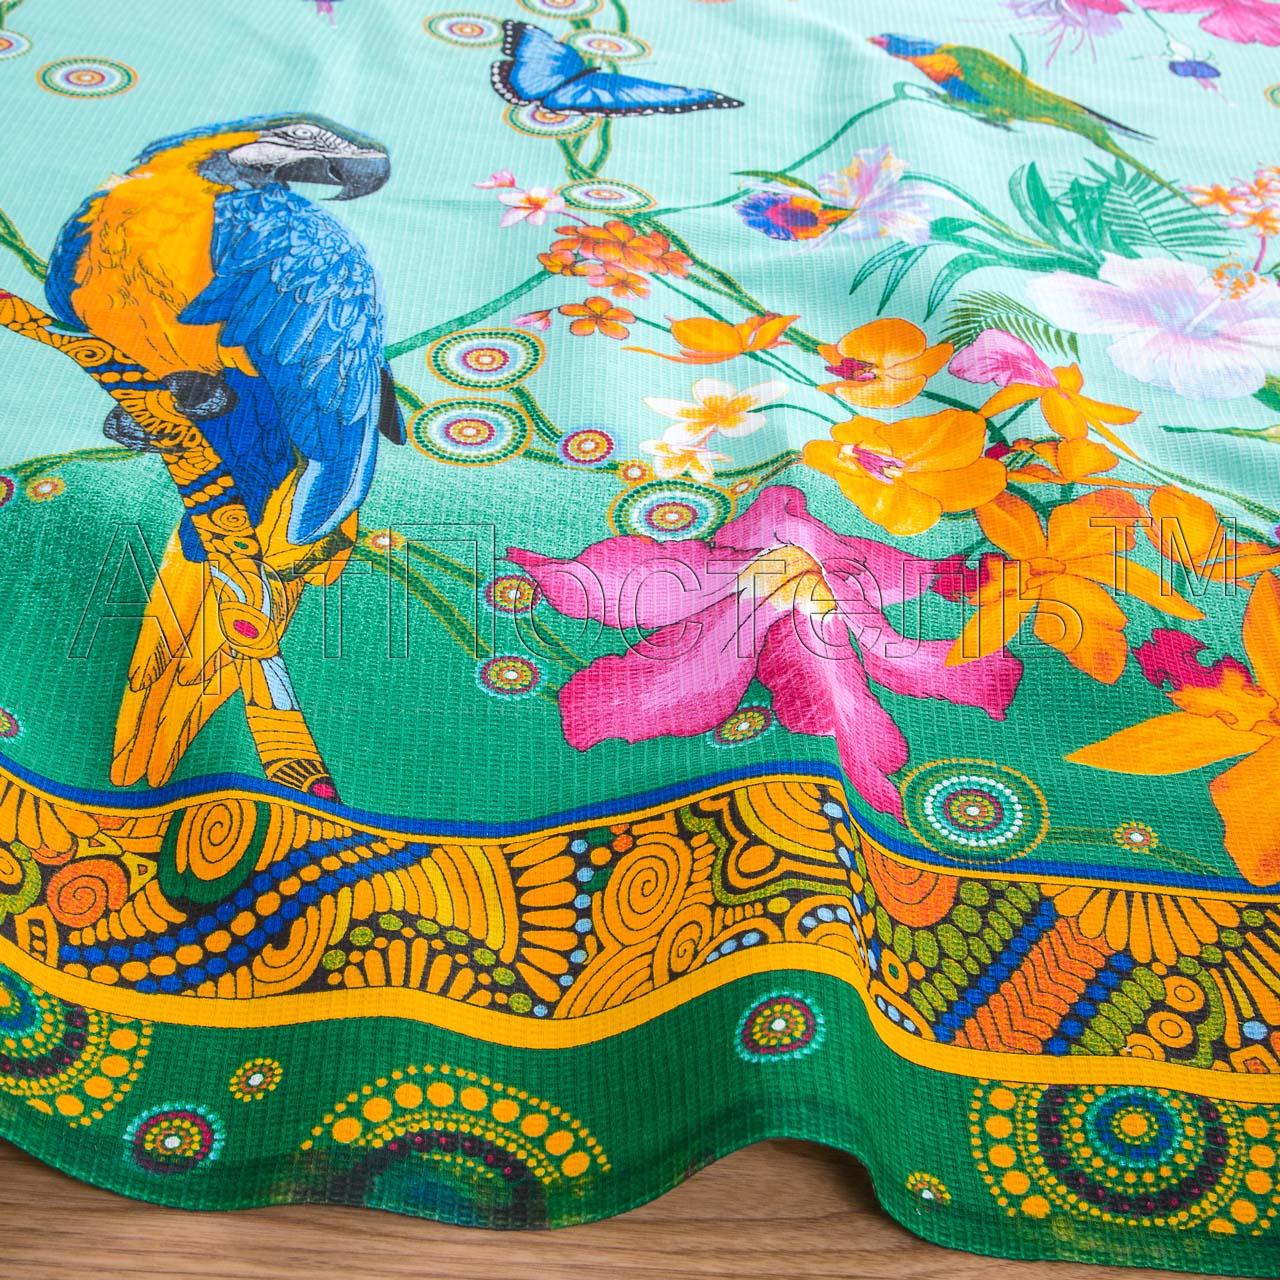 Вафельное полотенце Райский уголок р. 100х150Вафельные полотенца<br>Плотность: 160 г/кв. м<br><br>Тип: Вафельное полотенце<br>Размер: 100х150<br>Материал: Вафельное полотно